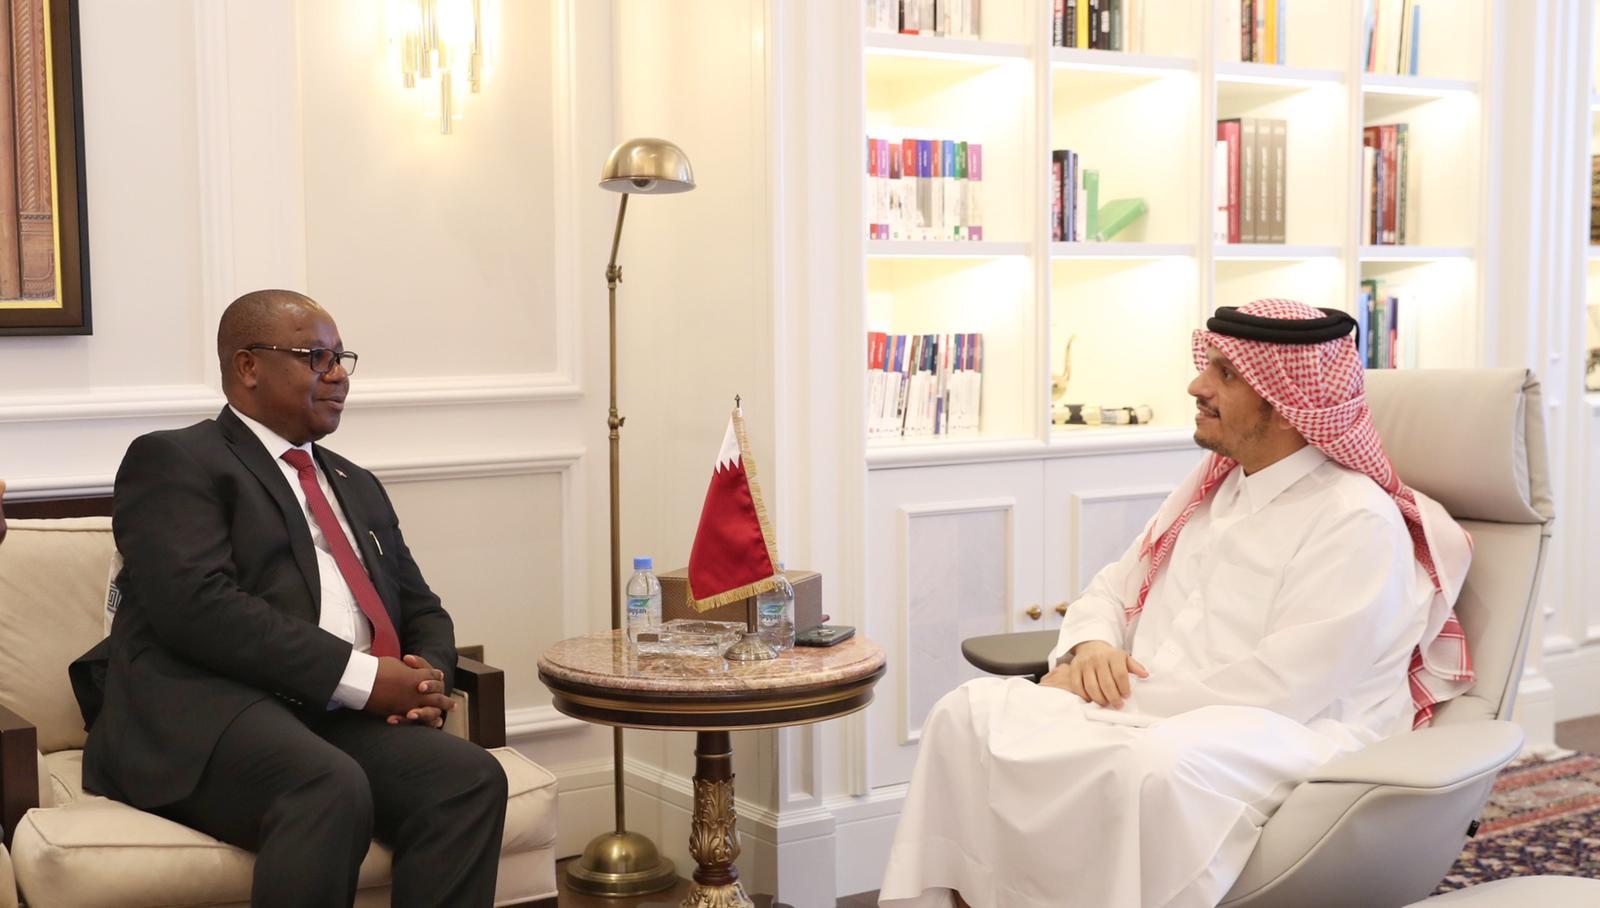 نائب رئيس مجلس الوزراء وزير الخارجية يجتمع مع وزير خارجية بوروندي